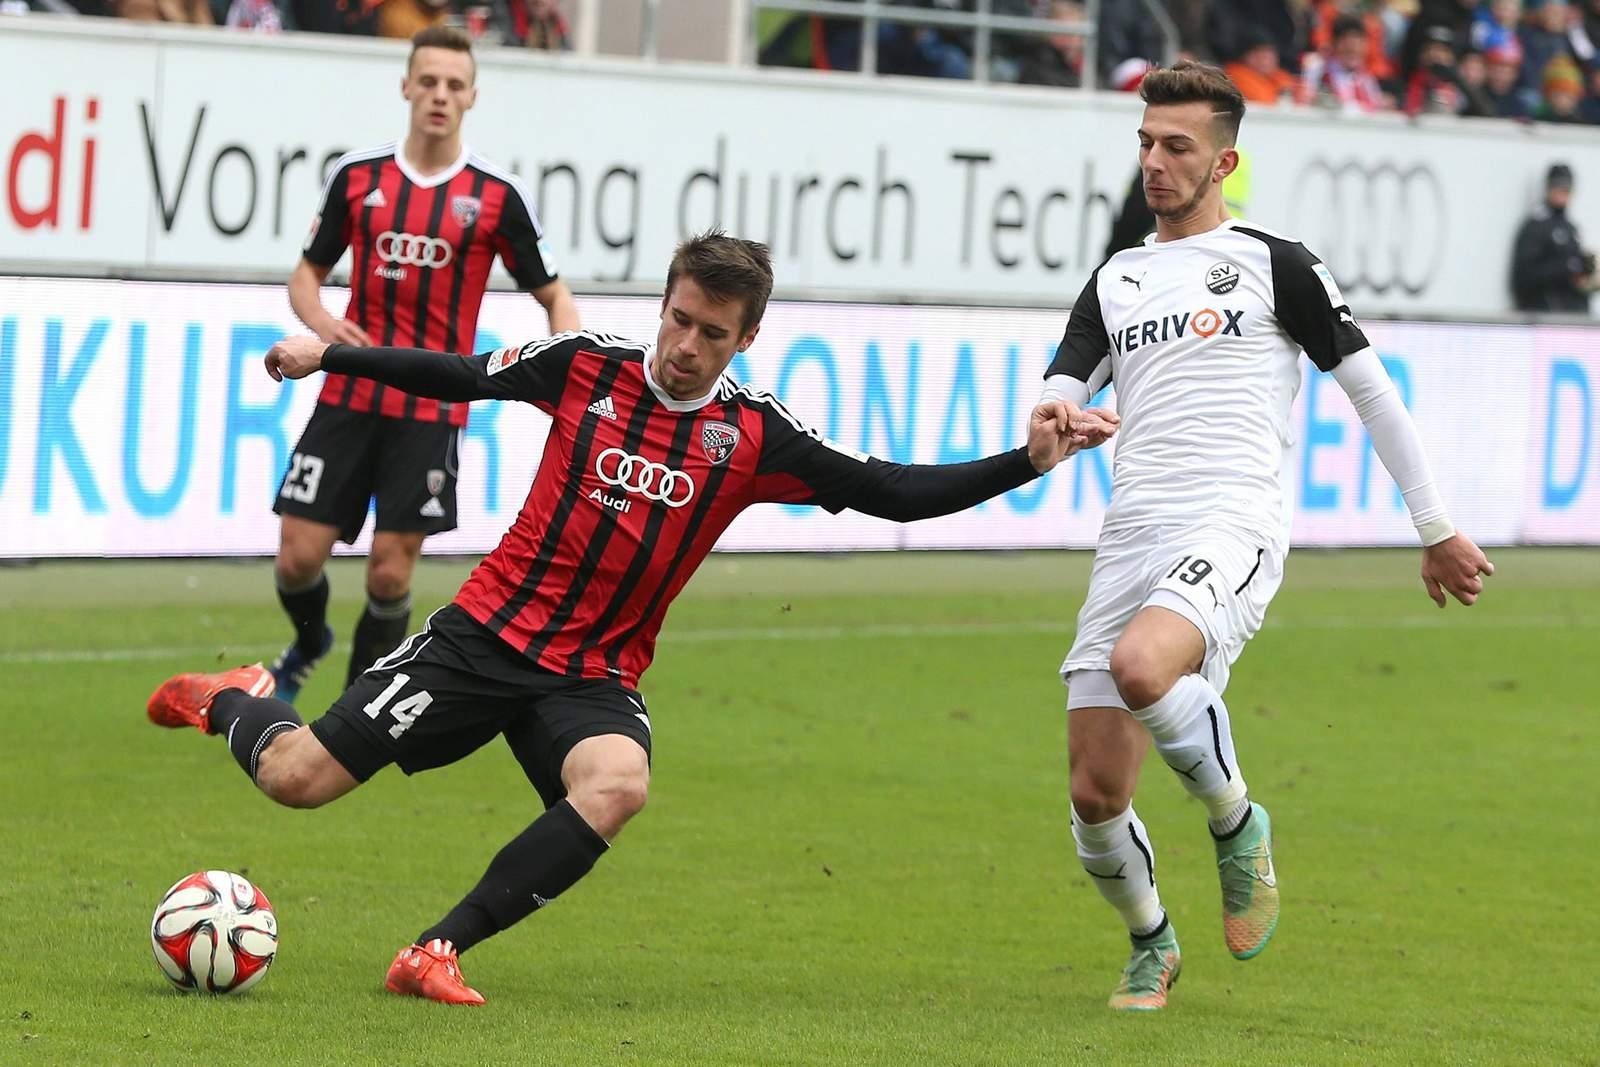 Der FC Ingolstadt will in Sandhausen den ersten Saisonsieg einfahren. Gelingt das? Jetzt auf das Spiel wetten.